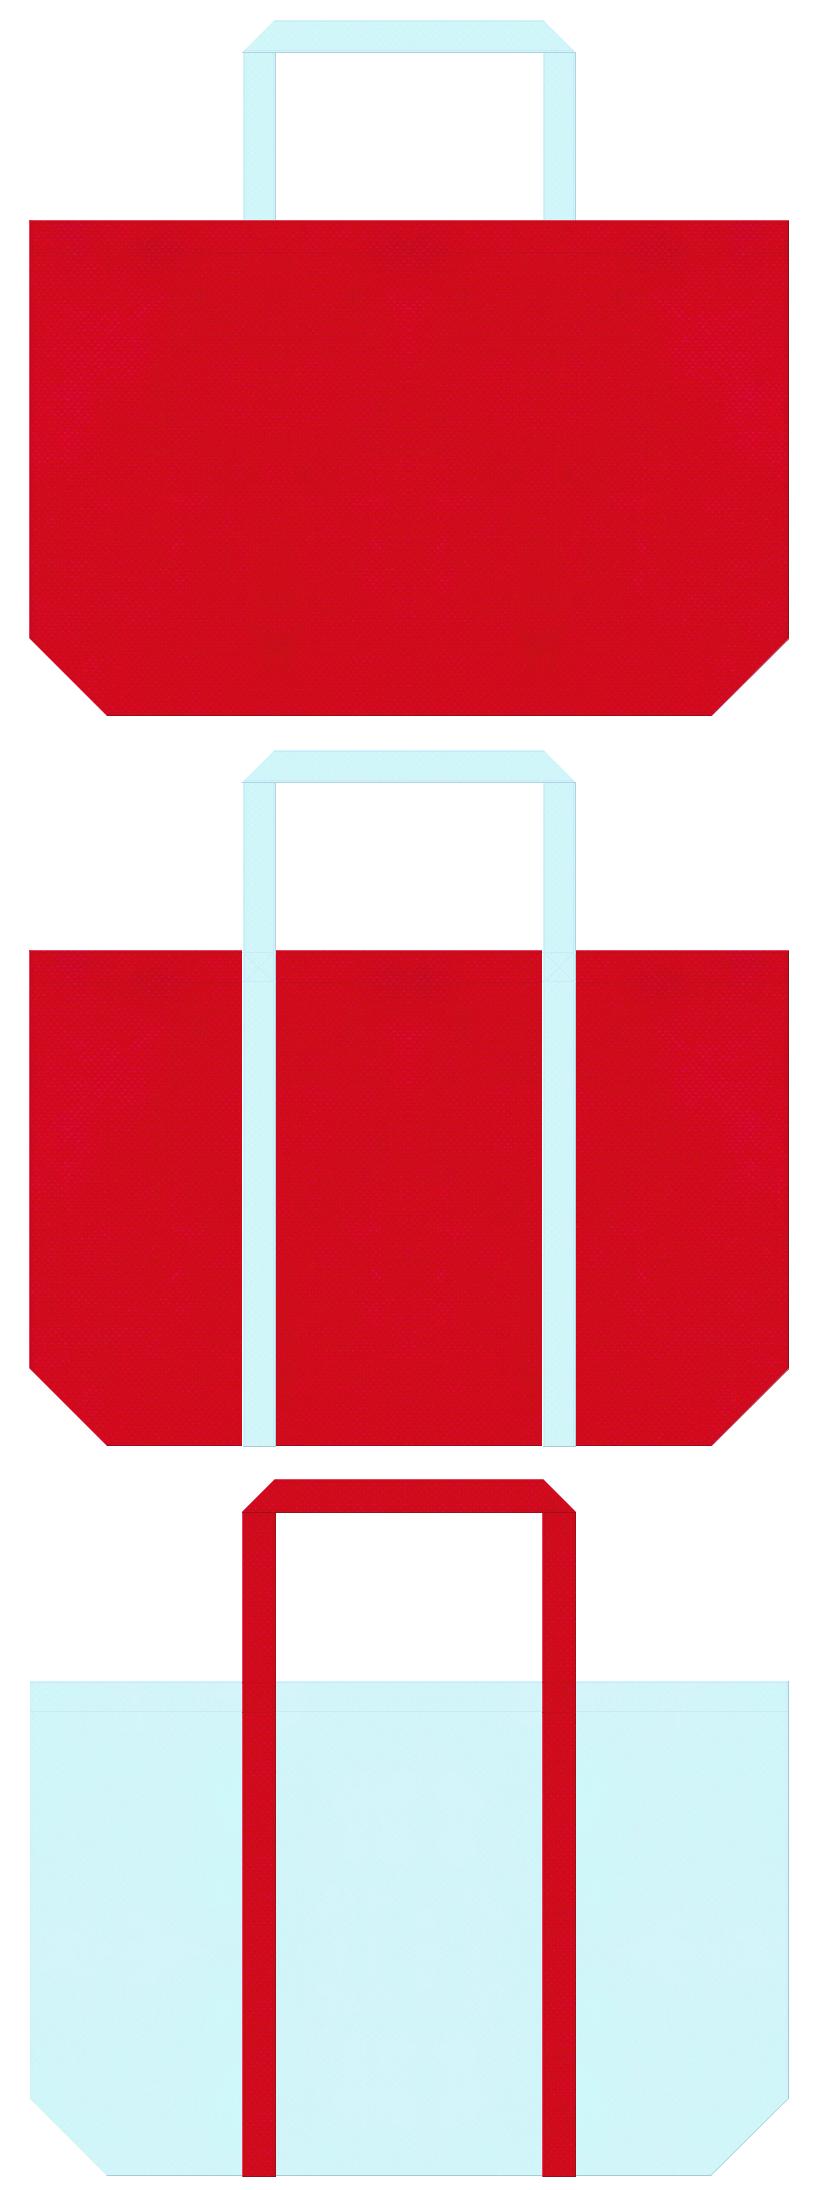 金魚・風鈴・夏のイベントにお奨めの不織布ショッピングバッグのデザイン:紅色と水色のコーデ